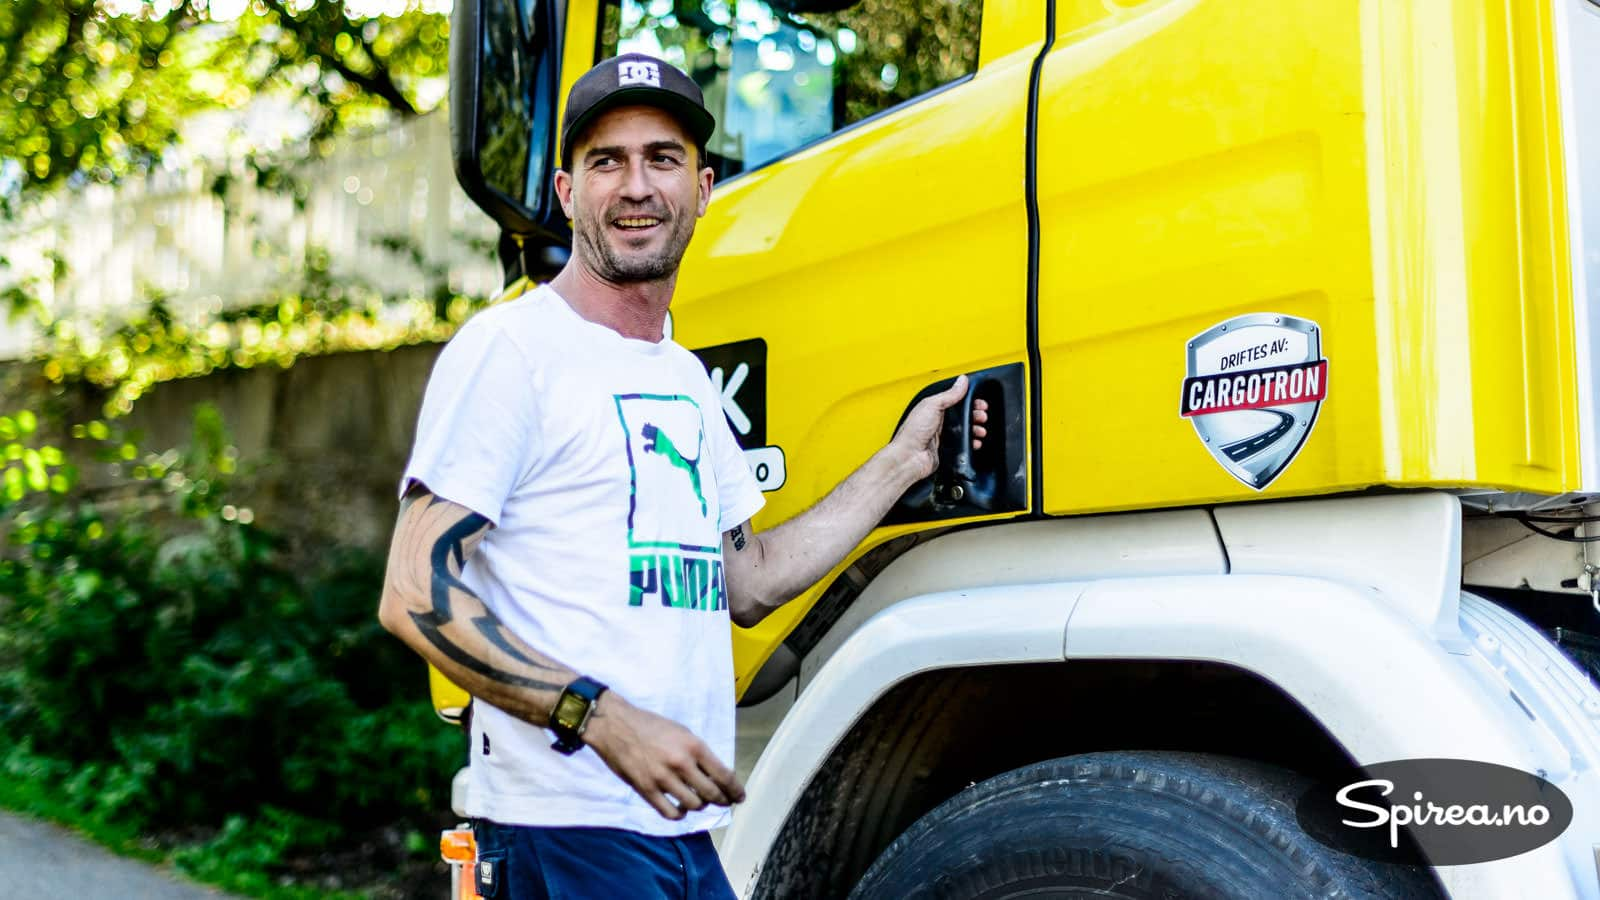 Sjåfør Håkon Thauland kommer til med lastebil der du selv kanskje ikke hadde tatt sjansen på å kjøre ned med personbil.